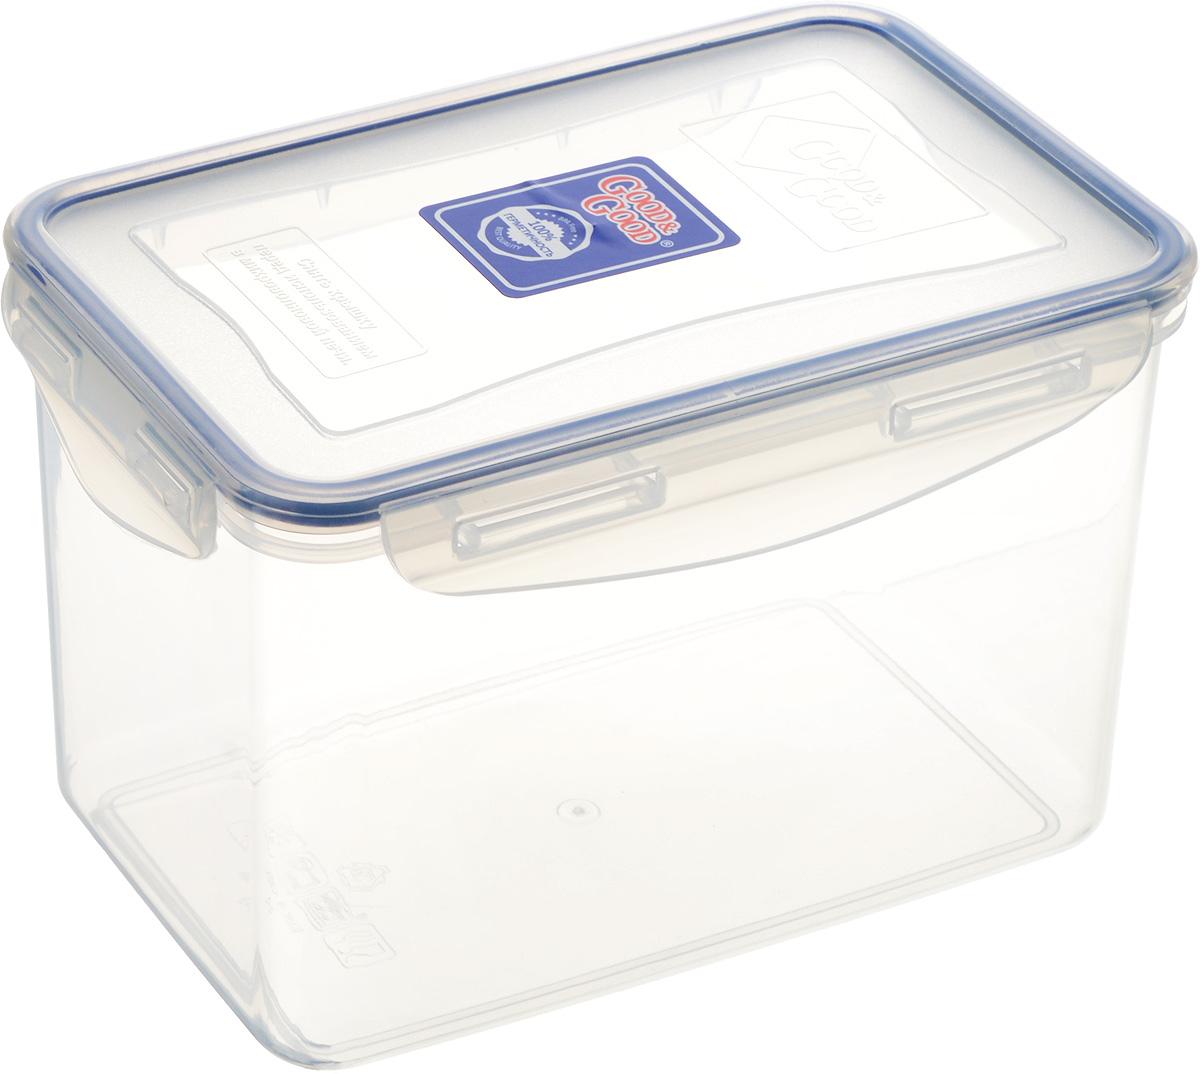 Контейнер пищевой Good&Good, цвет: прозрачный, темно-синий, 2,2 л3-3_прозрачный, темно-синийПрямоугольный контейнер Good&Good изготовлен из высококачественного полипропилена и предназначен для хранения любых пищевых продуктов. Благодаря особым технологиям изготовления, лотки в течение времени службы не меняют цвет и не пропитываются запахами. Крышка с силиконовой вставкой герметично защелкивается специальным механизмом. Контейнер Good&Good удобен для ежедневного использования в быту. Можно мыть в посудомоечной машине и использовать в микроволновой печи. Размер контейнера (с учетом крышки): 20 х 13,5 х 13 см.